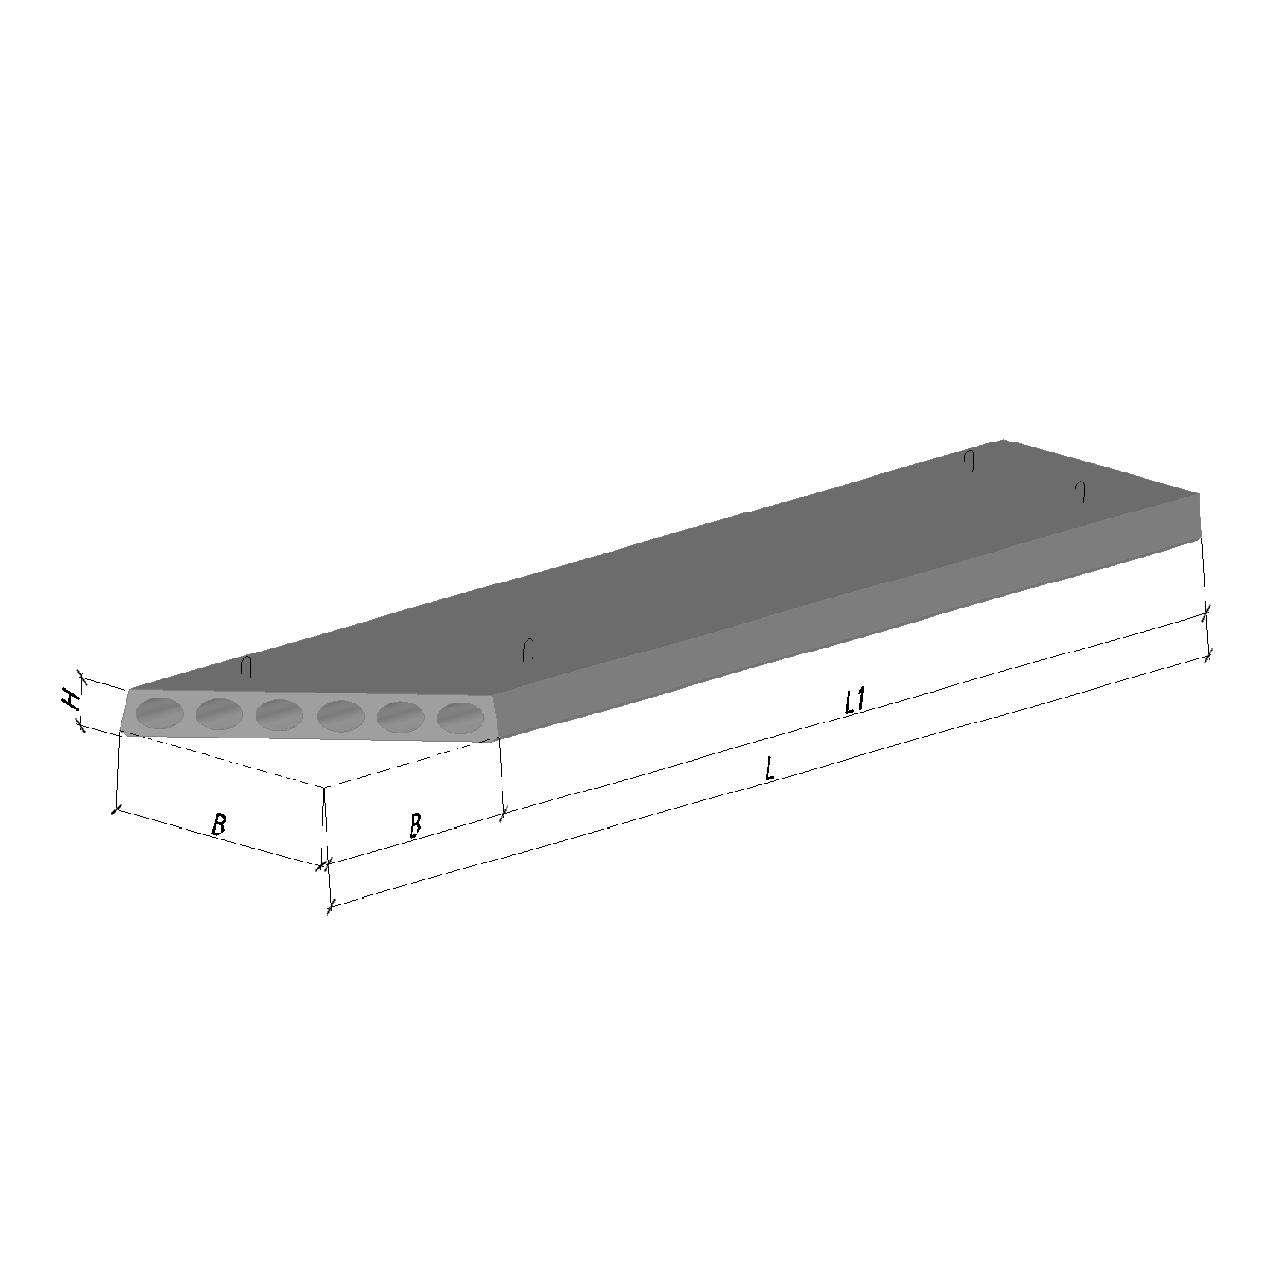 Плита перекрытия ПК 55-12-8 К2 582